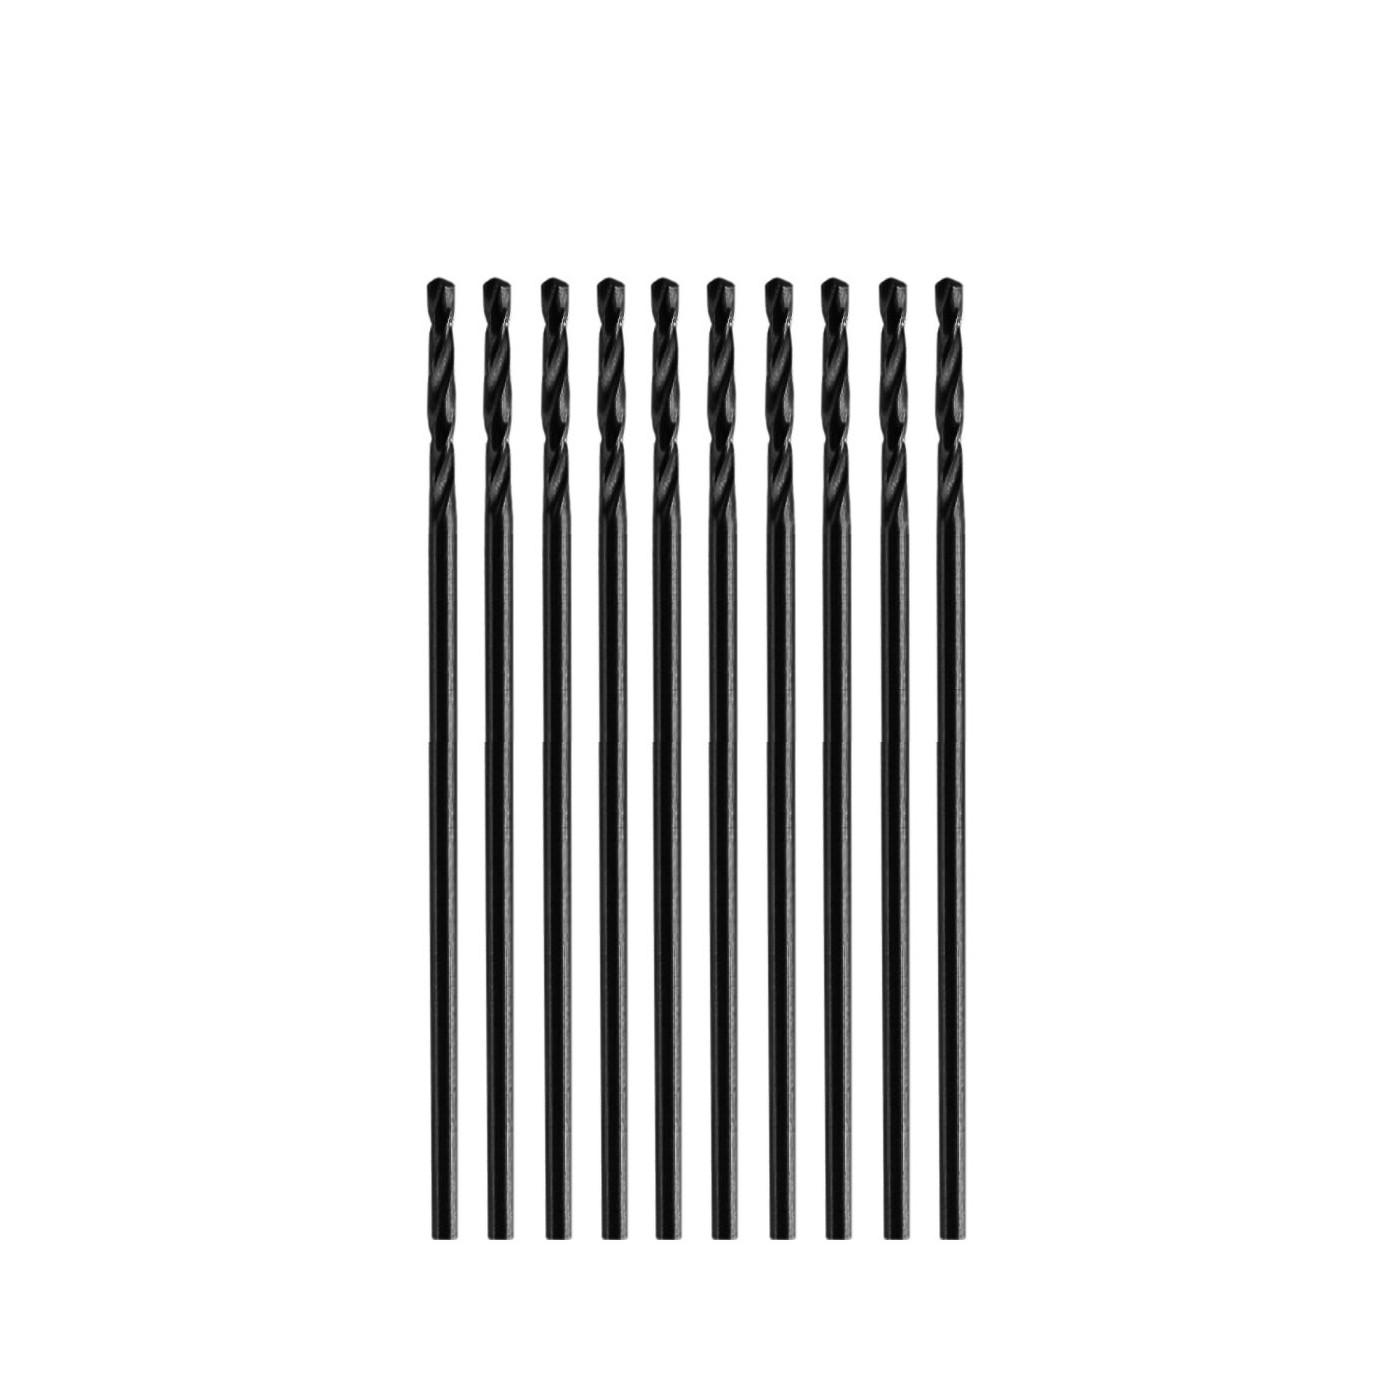 Set of 10 small metal drill bits (0.9x32 mm, HSS)